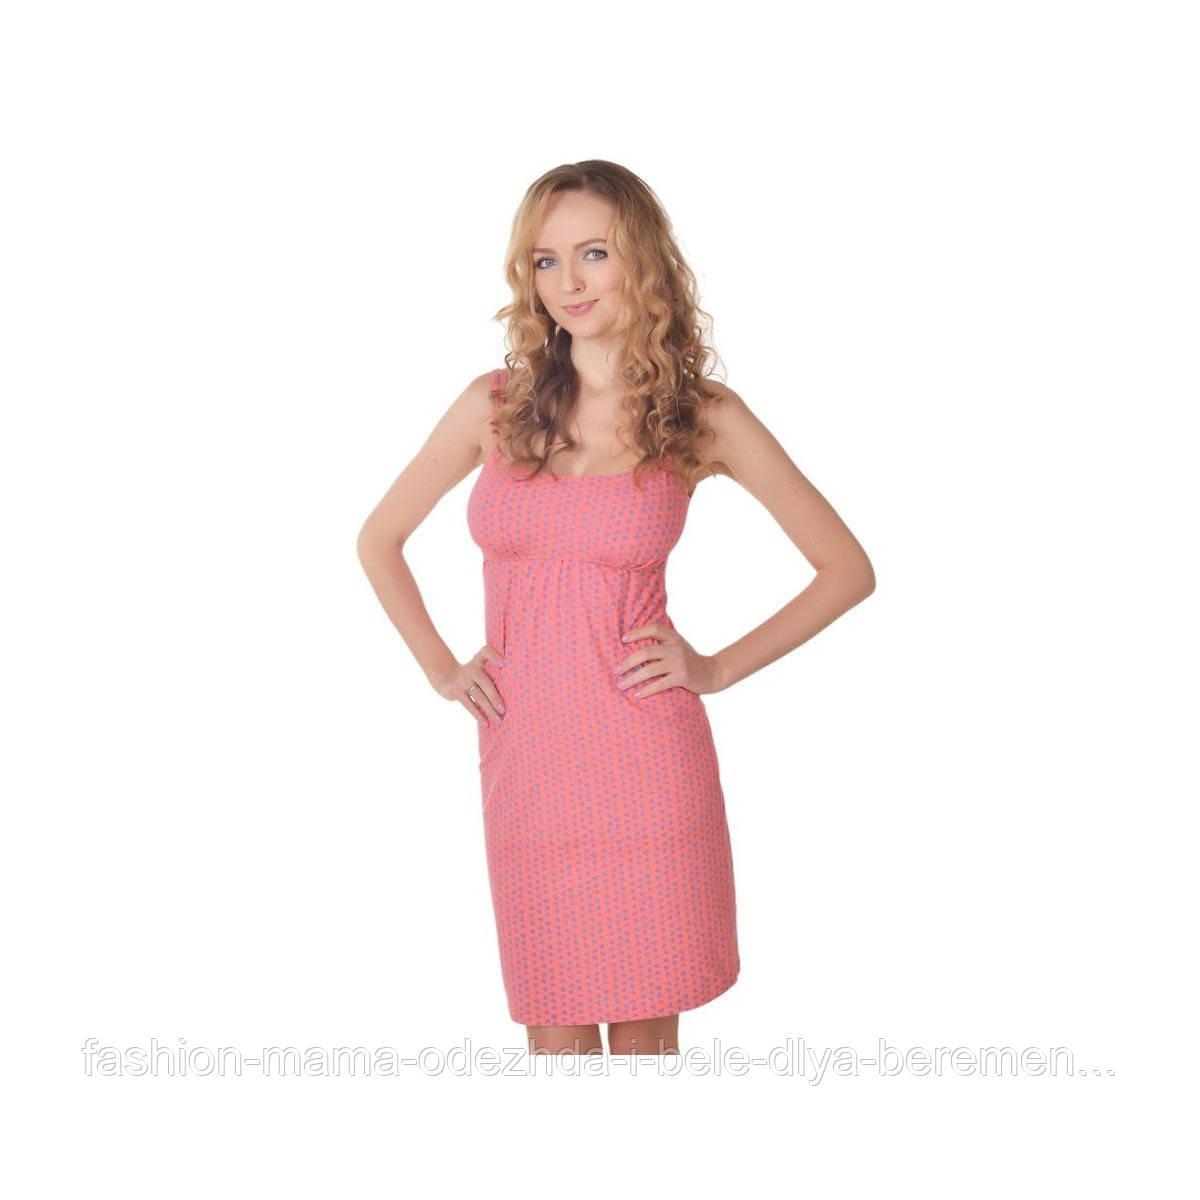 f59ba465581cc Ночная сорочка для кормления Love is: продажа, цена в Днепре. одежда ...